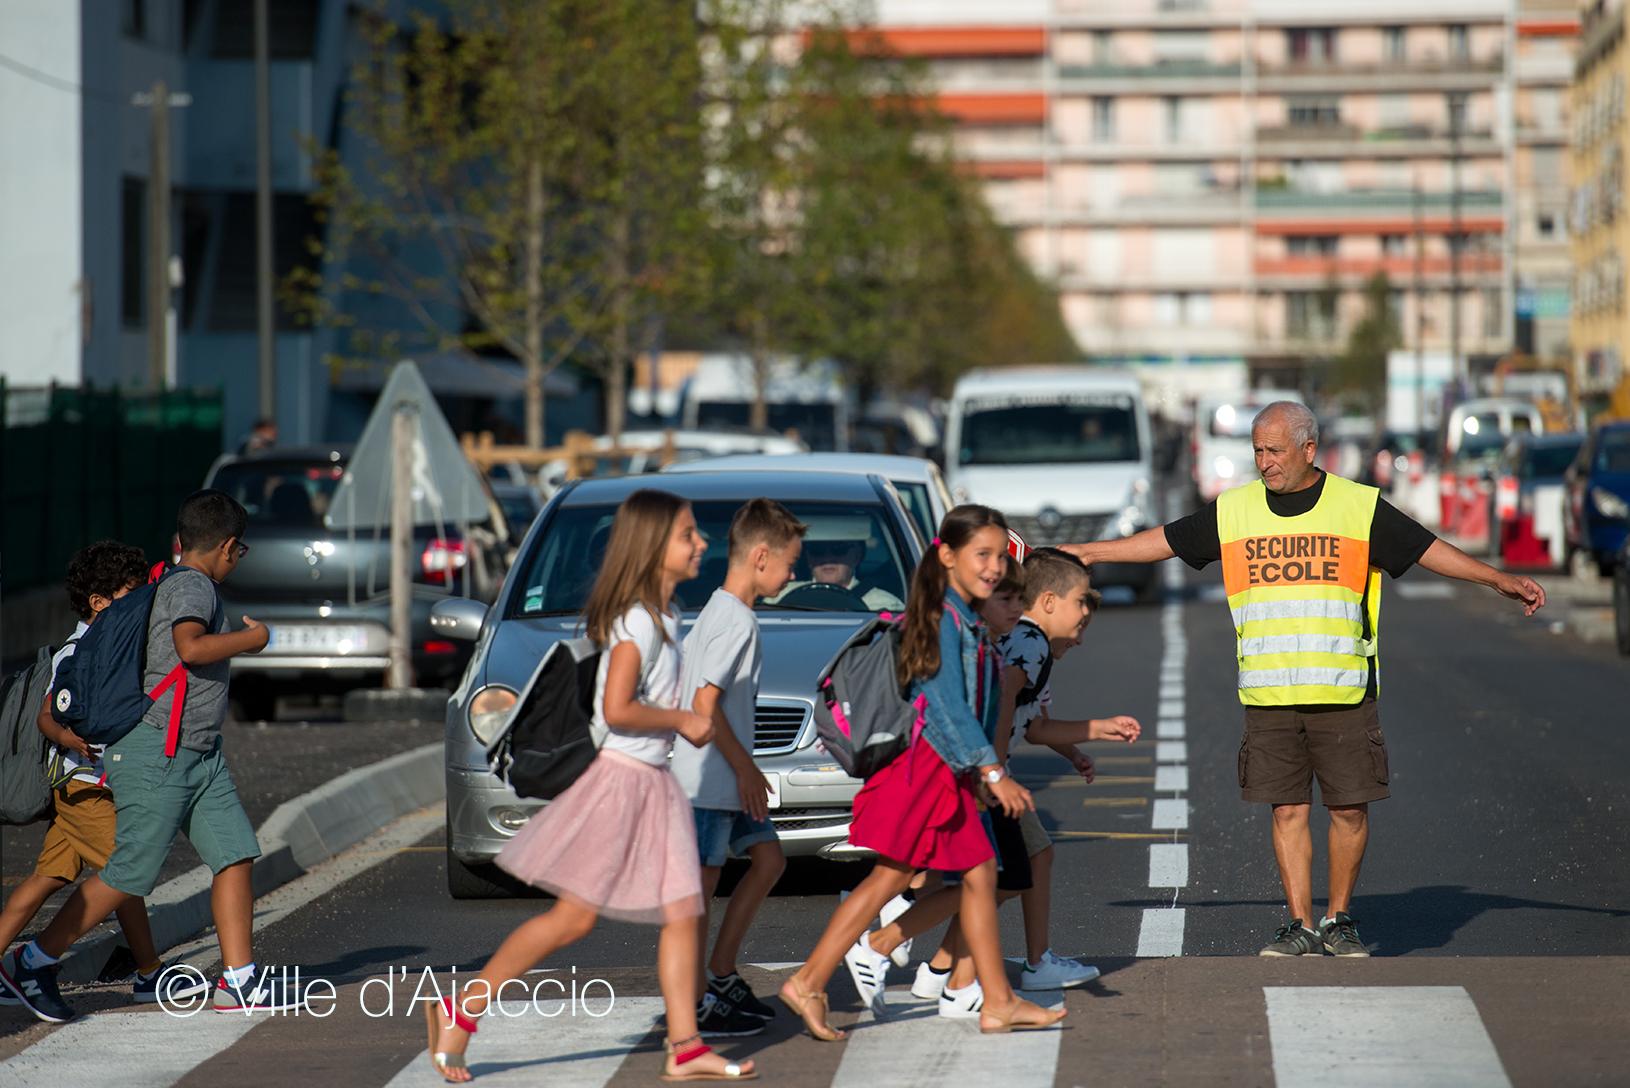 Lundi 22 juin, la Ville d'Ajaccio rouvre ses écoles élémentaires, maternelles et ses crèches